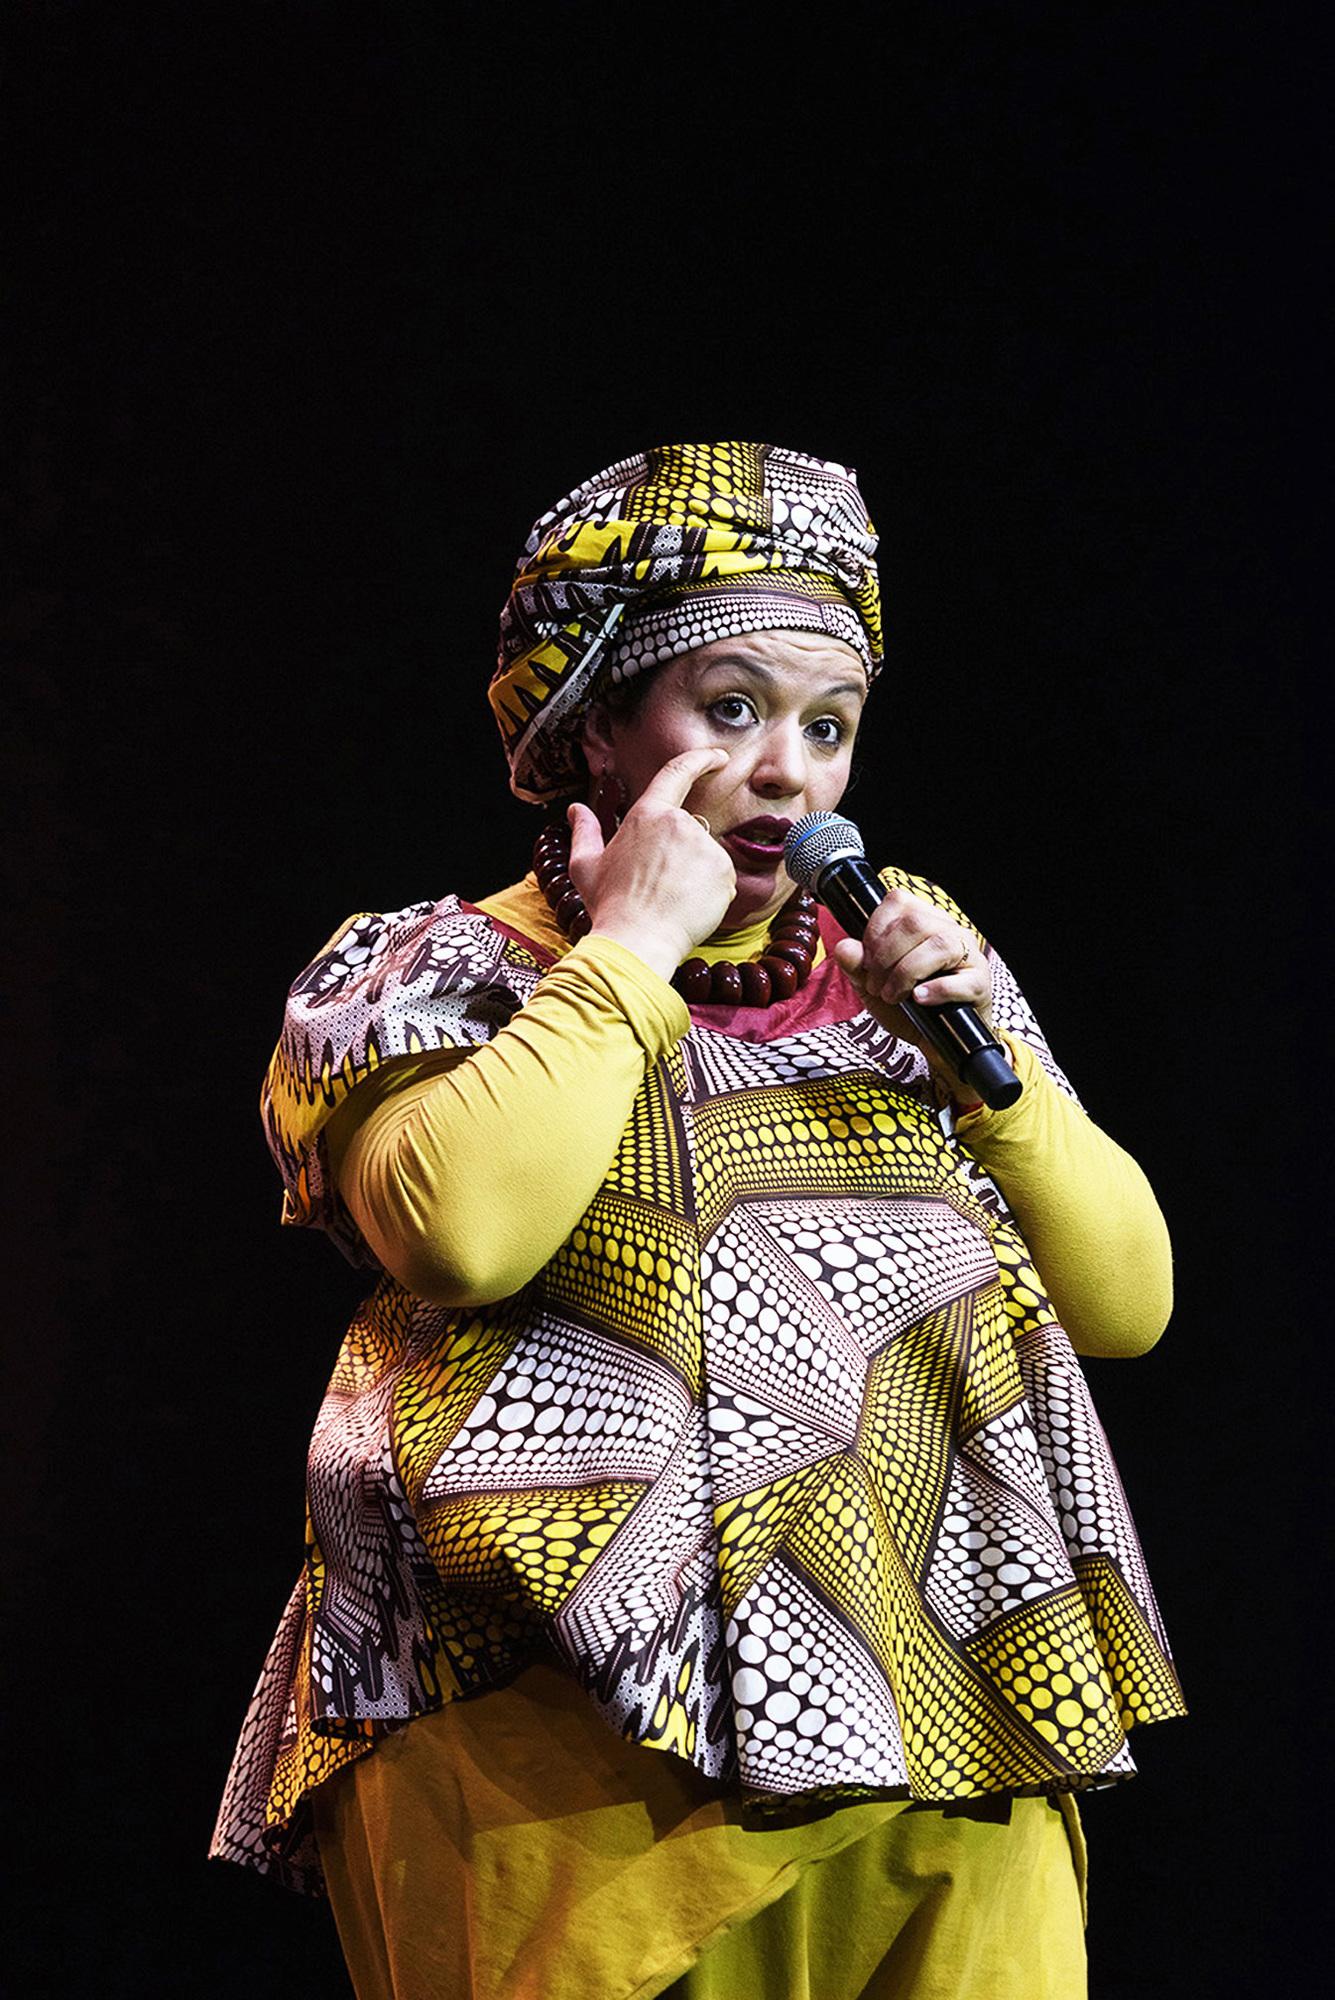 Samia Orosemane est originaire de Tunisie.